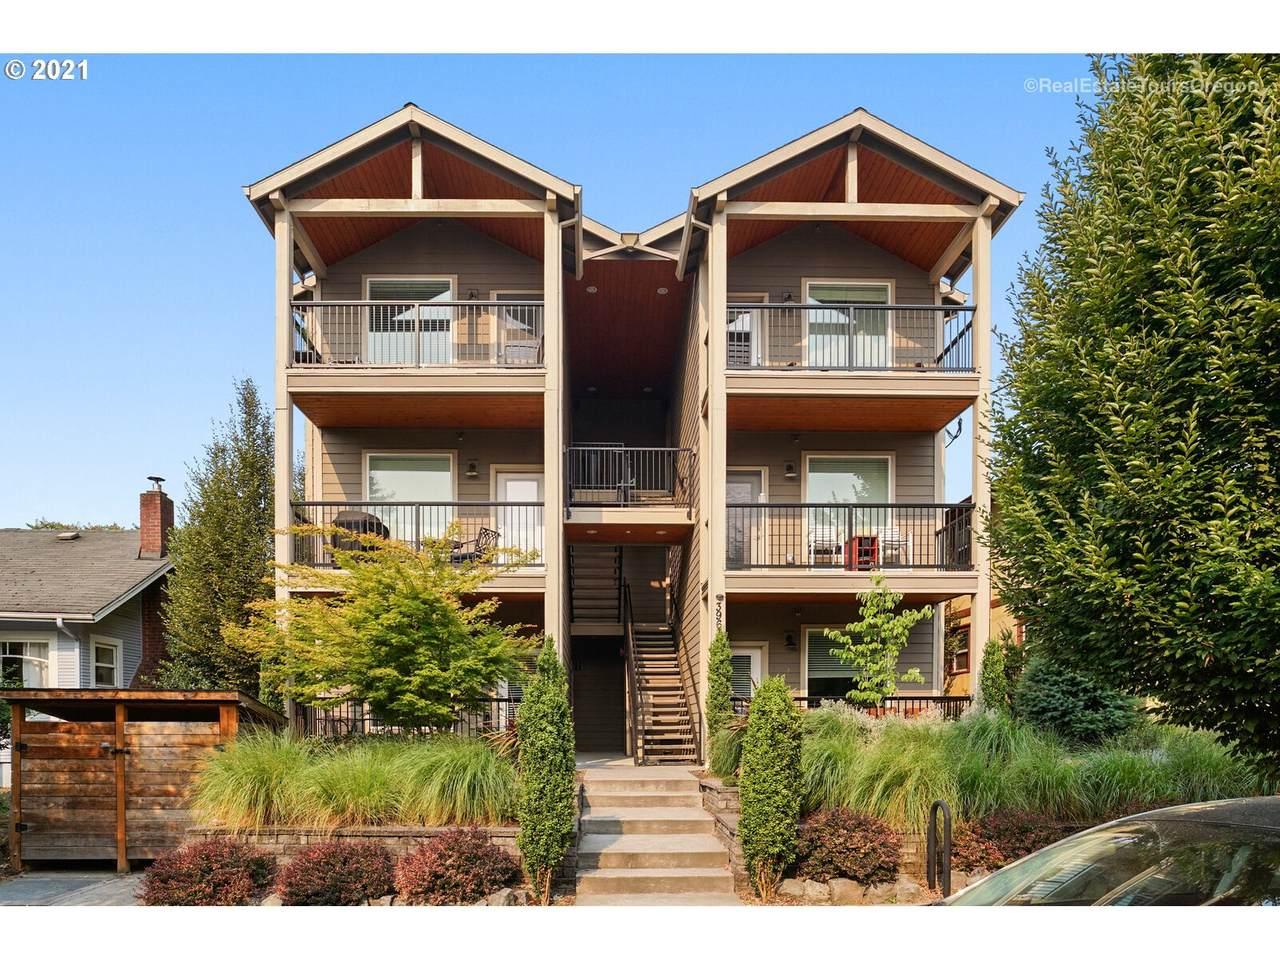 3963 Montana Ave - Photo 1